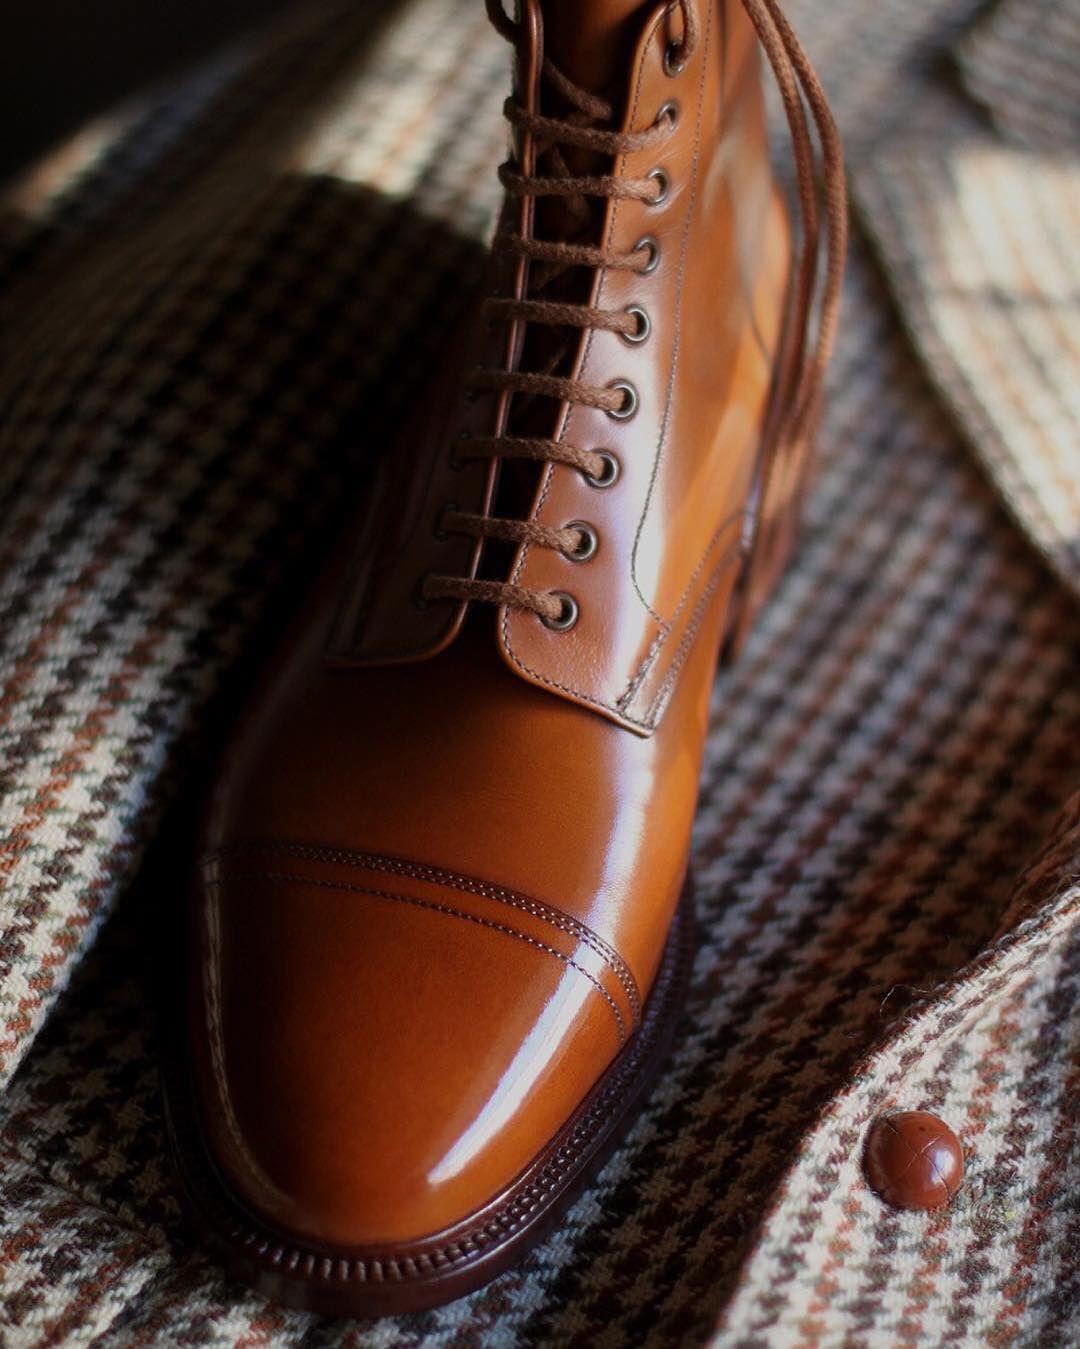 Le côté pratique de la derby boot la rend facile à porter l'hiver. Ce genre de bottines plaira notamment à ceux qui viennent du workwear.